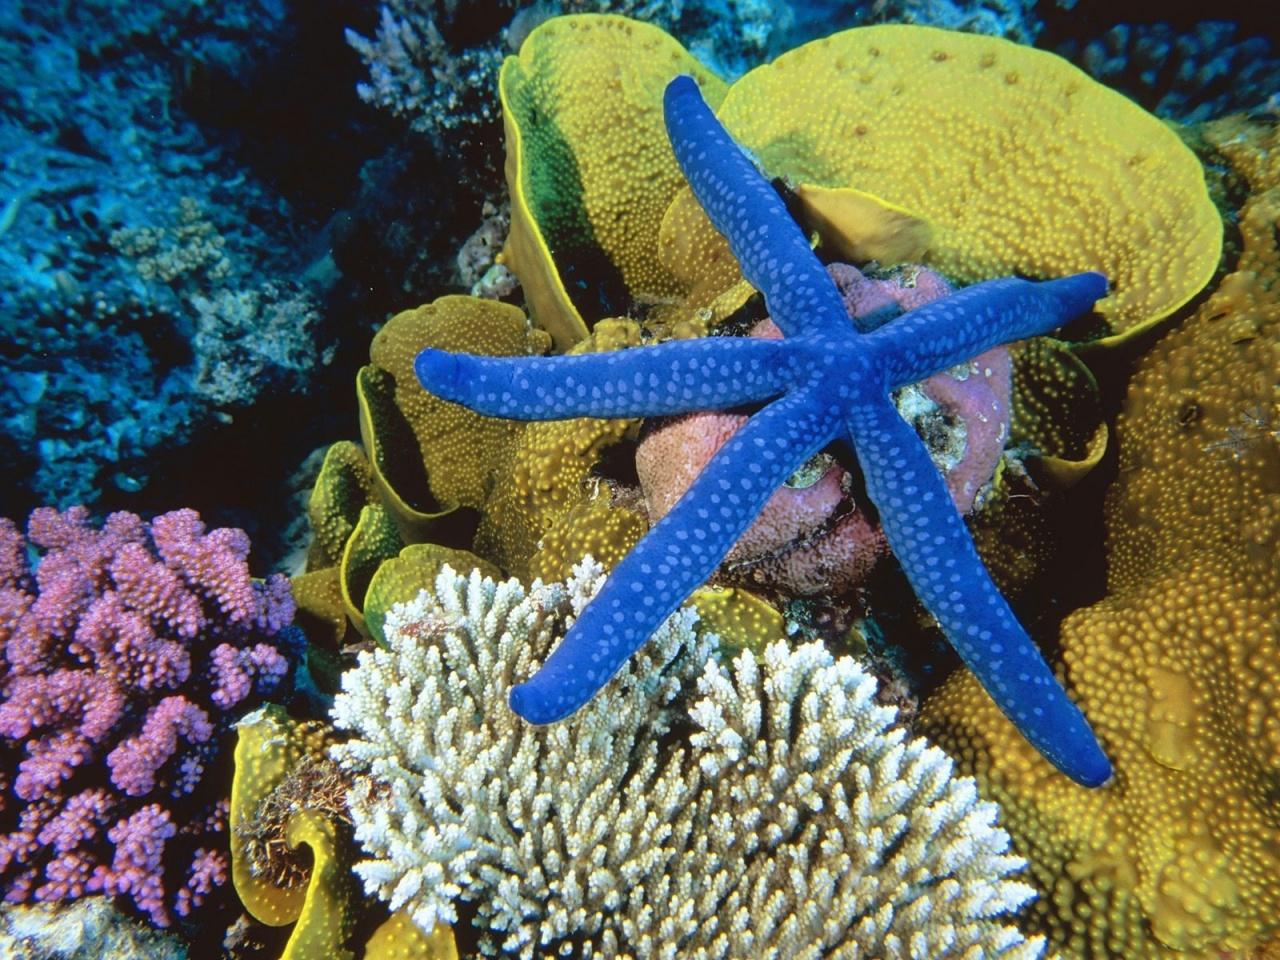 подводные съемки, ультрамиарин, синяя морская звезда на фоне кораллов.